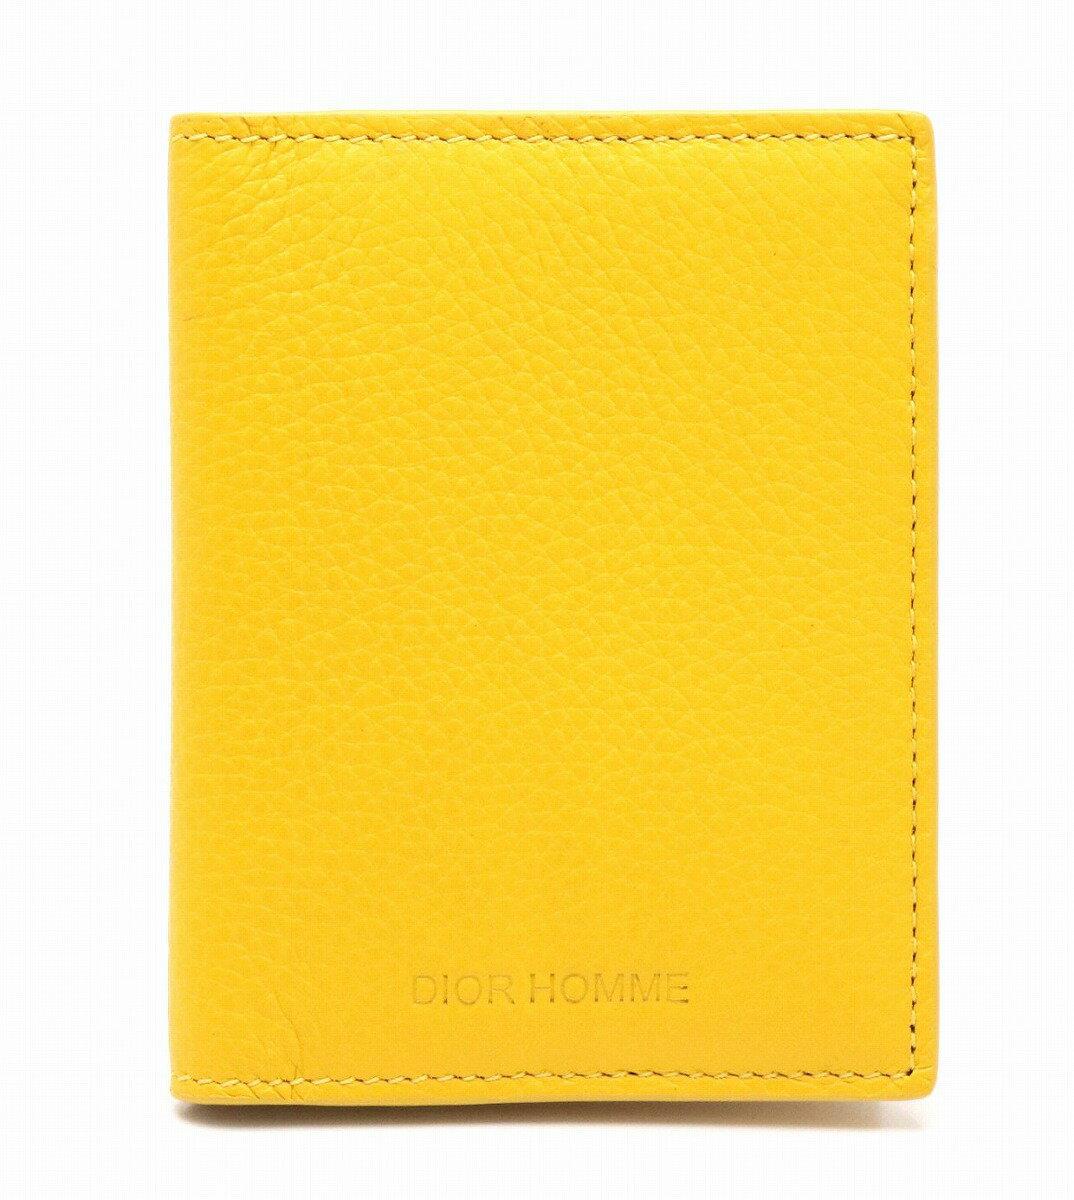 財布・ケース, 定期入れ・パスケース Christian Dior k